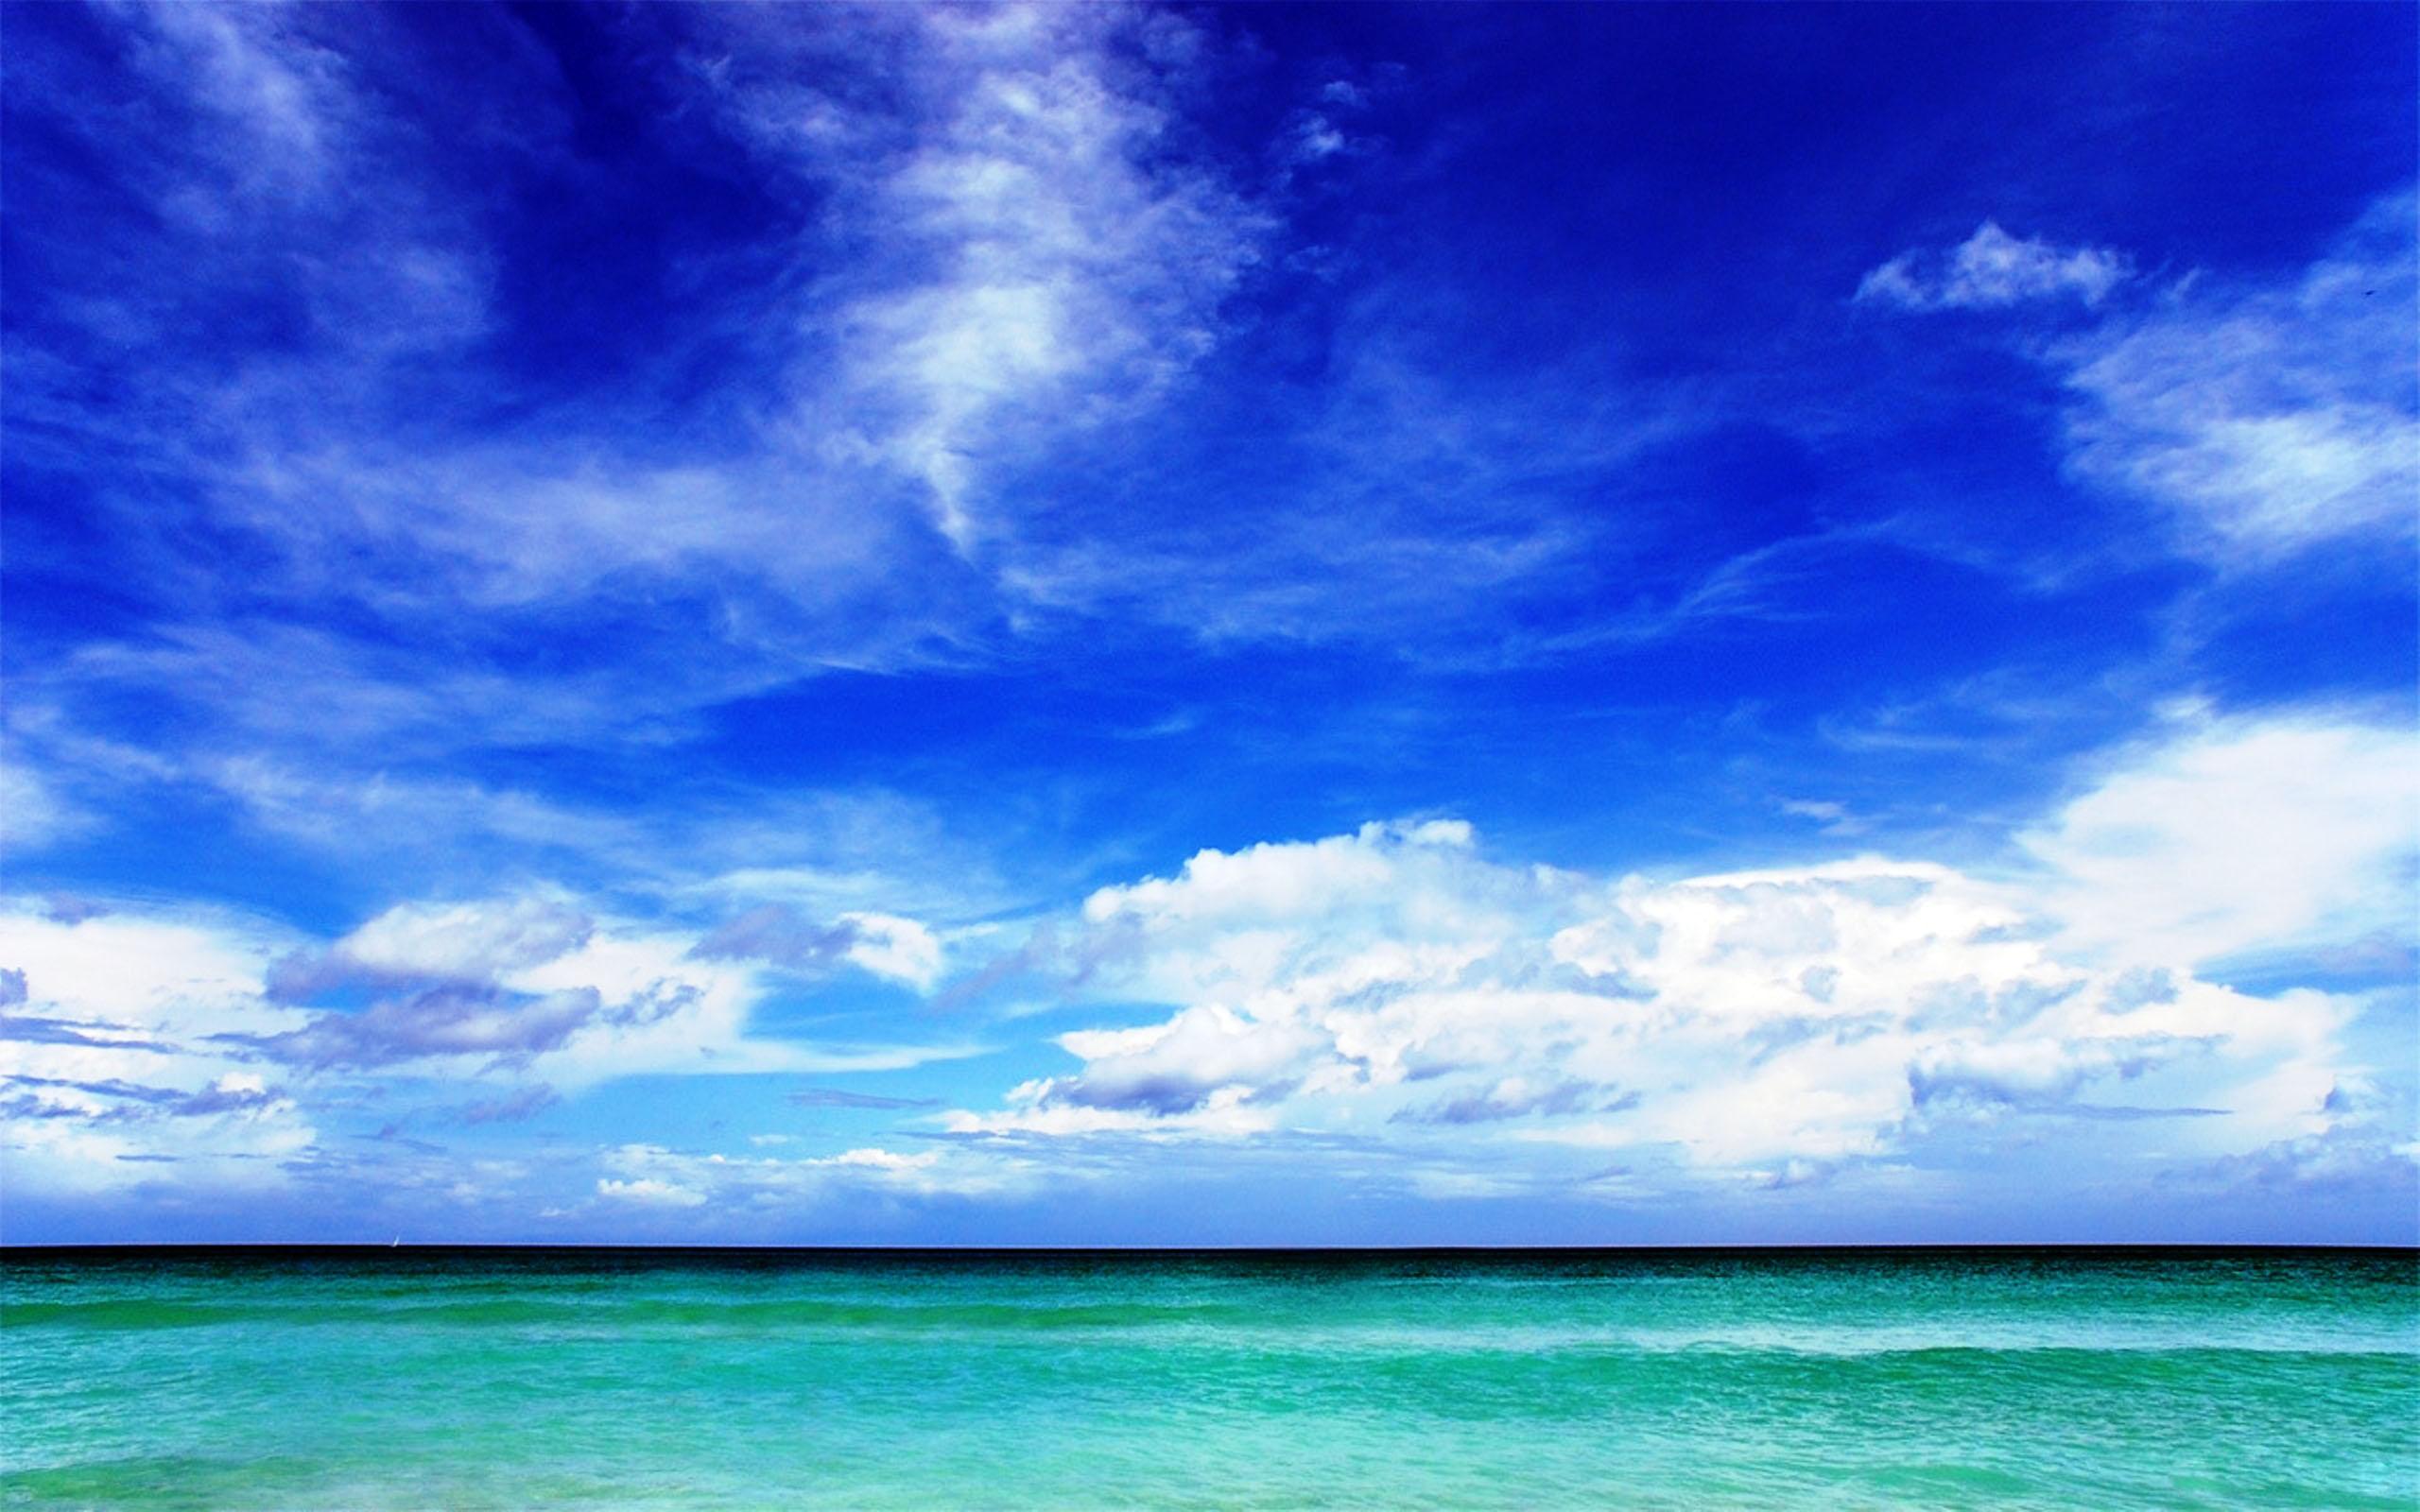 Море обои фото небо и море картинки